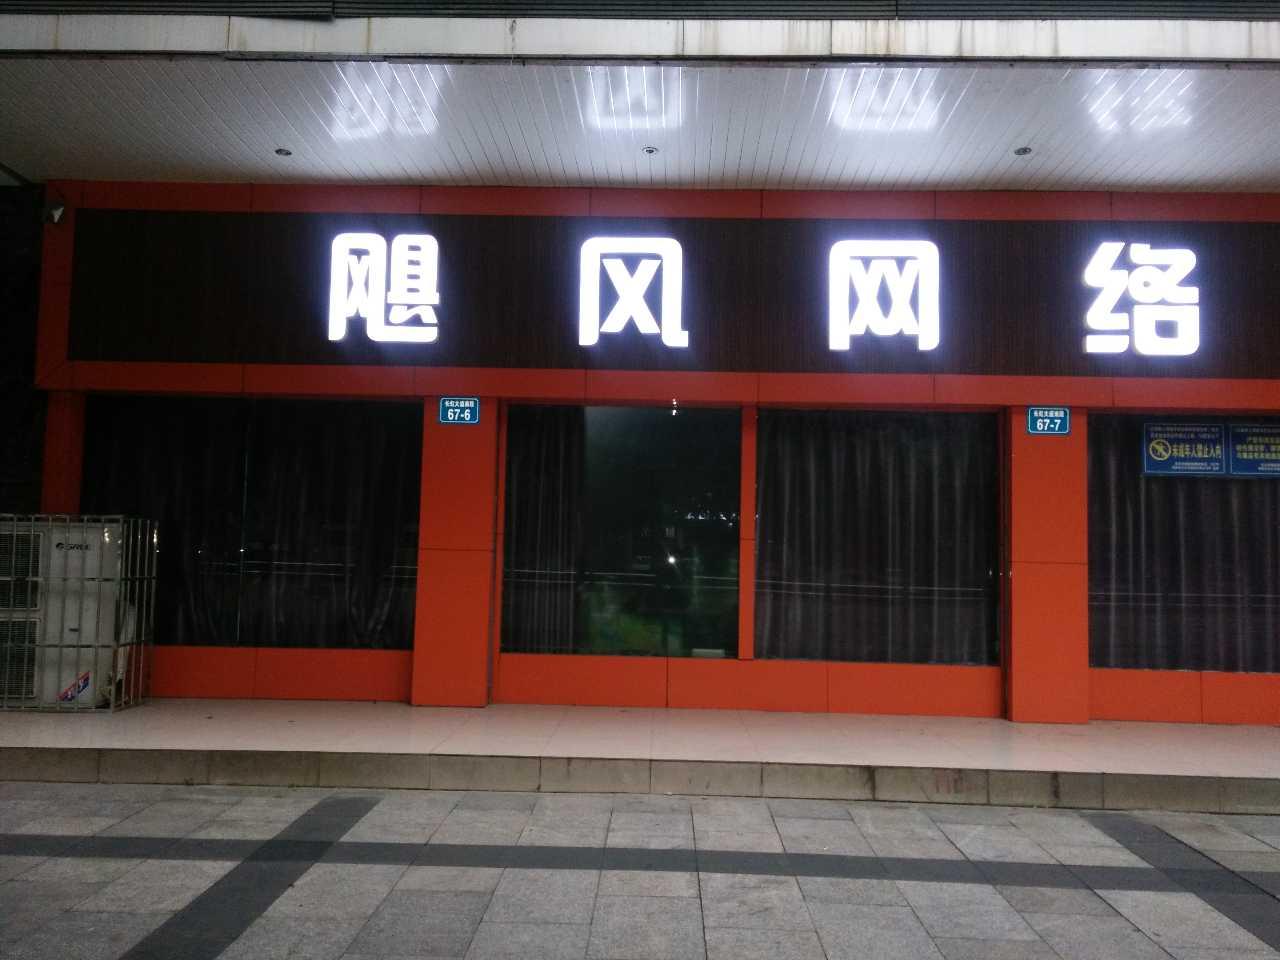 来自杨*发布的供应信息:广告,装修... - 绵阳艺鸿文化科技有限公司